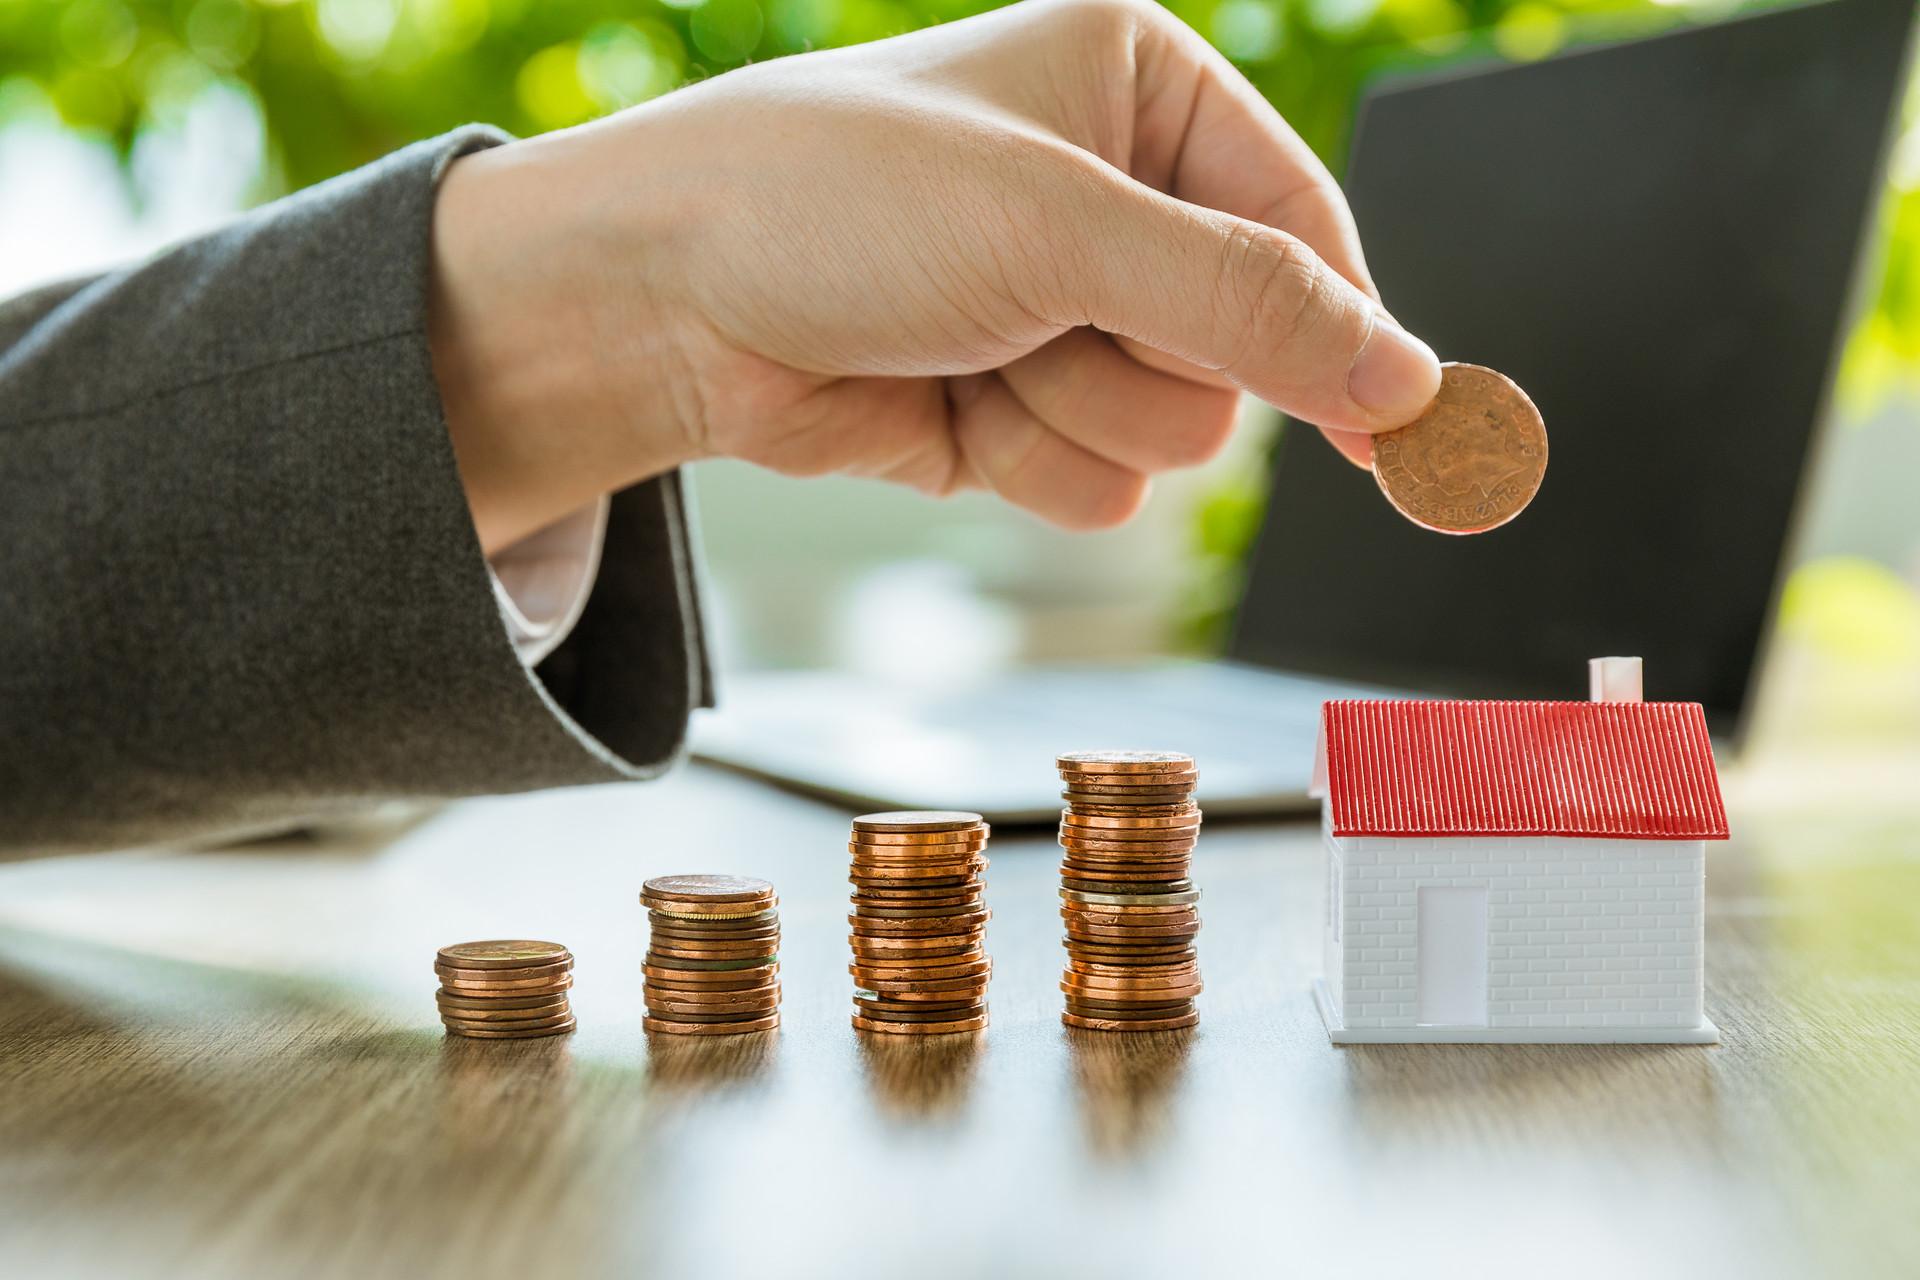 什么是税延养老,税延养老险优点有哪些